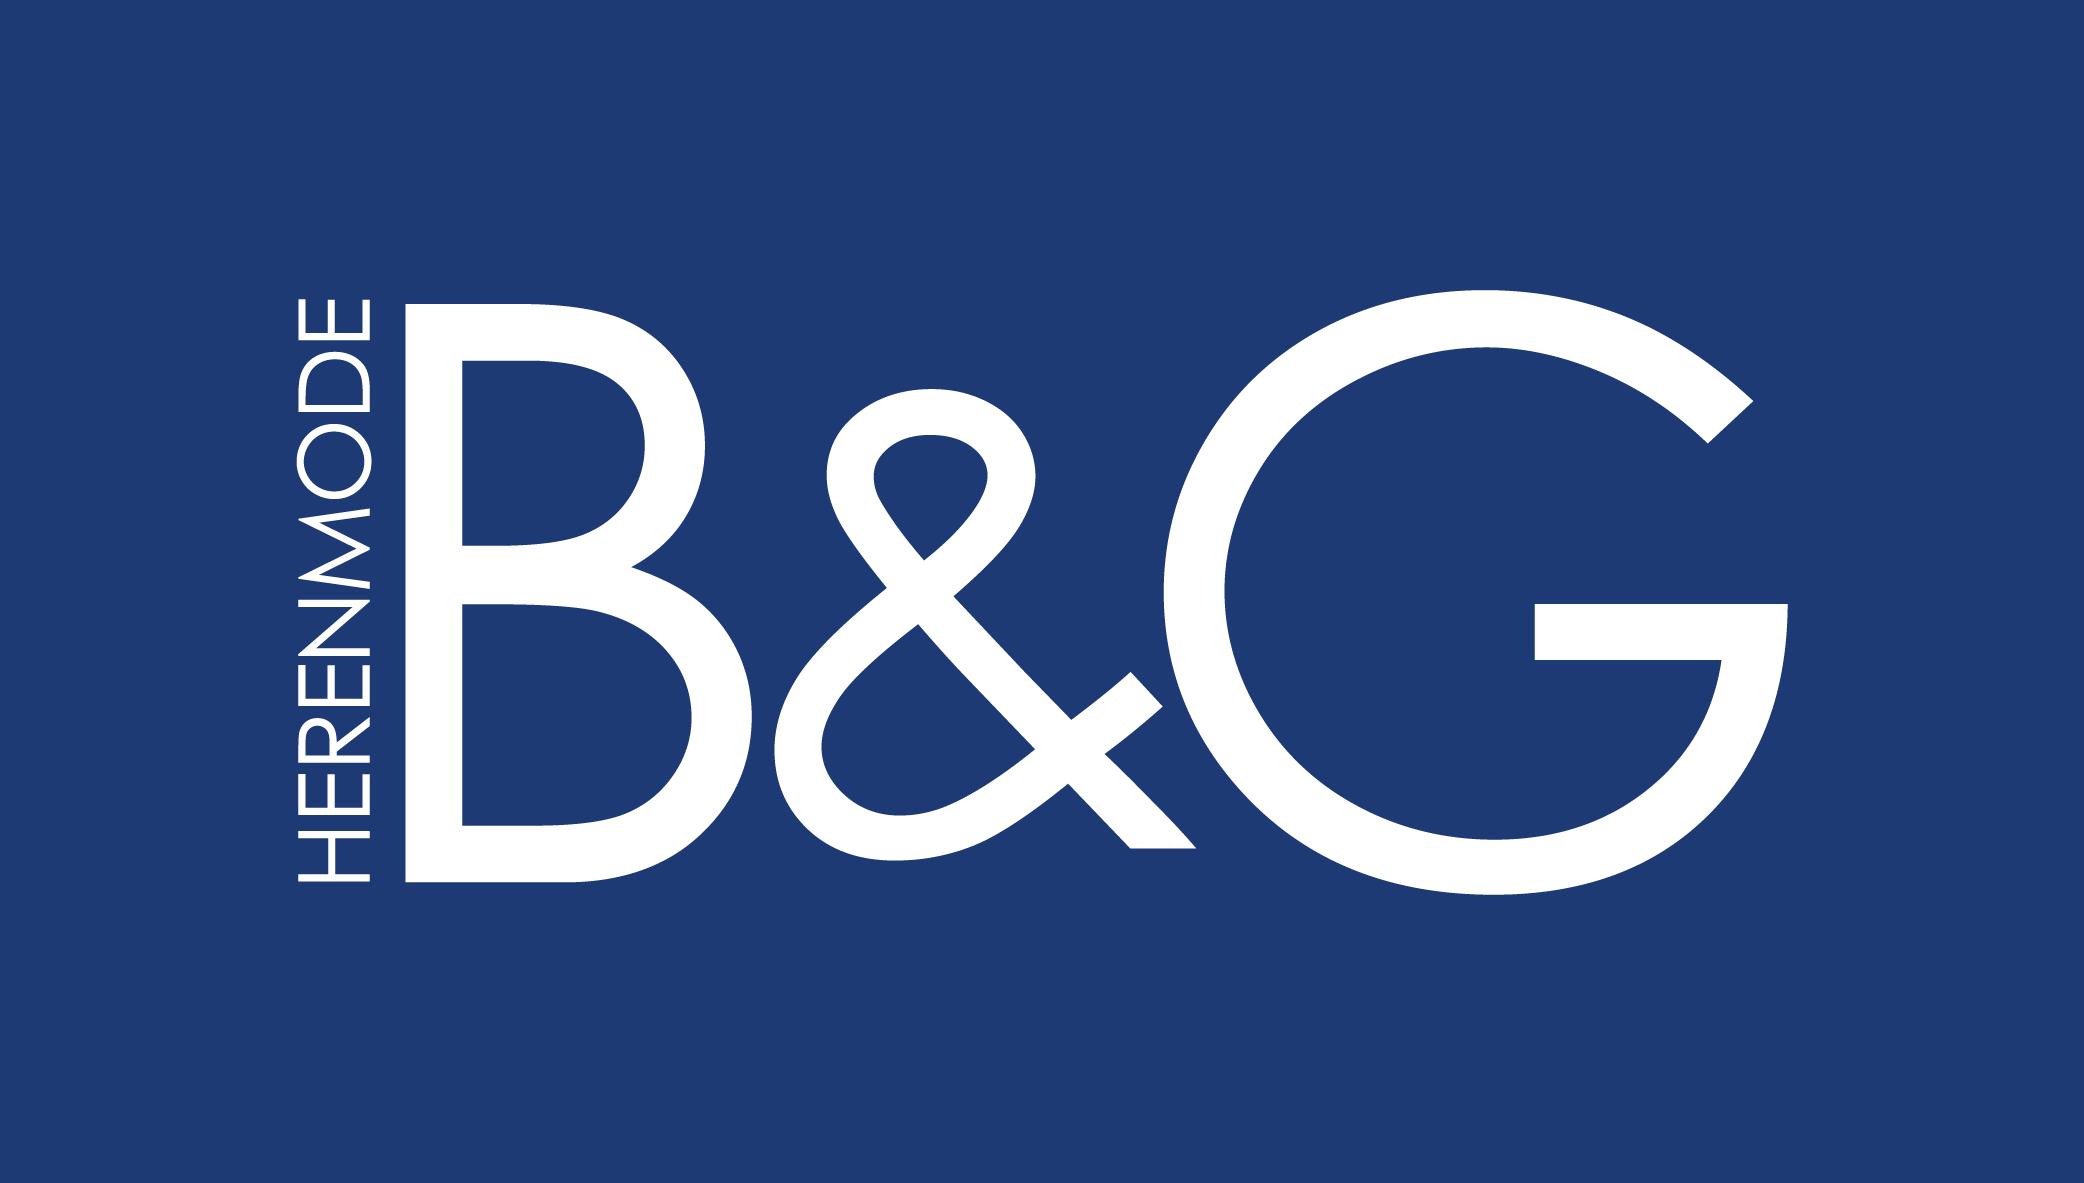 B&G Herenmode